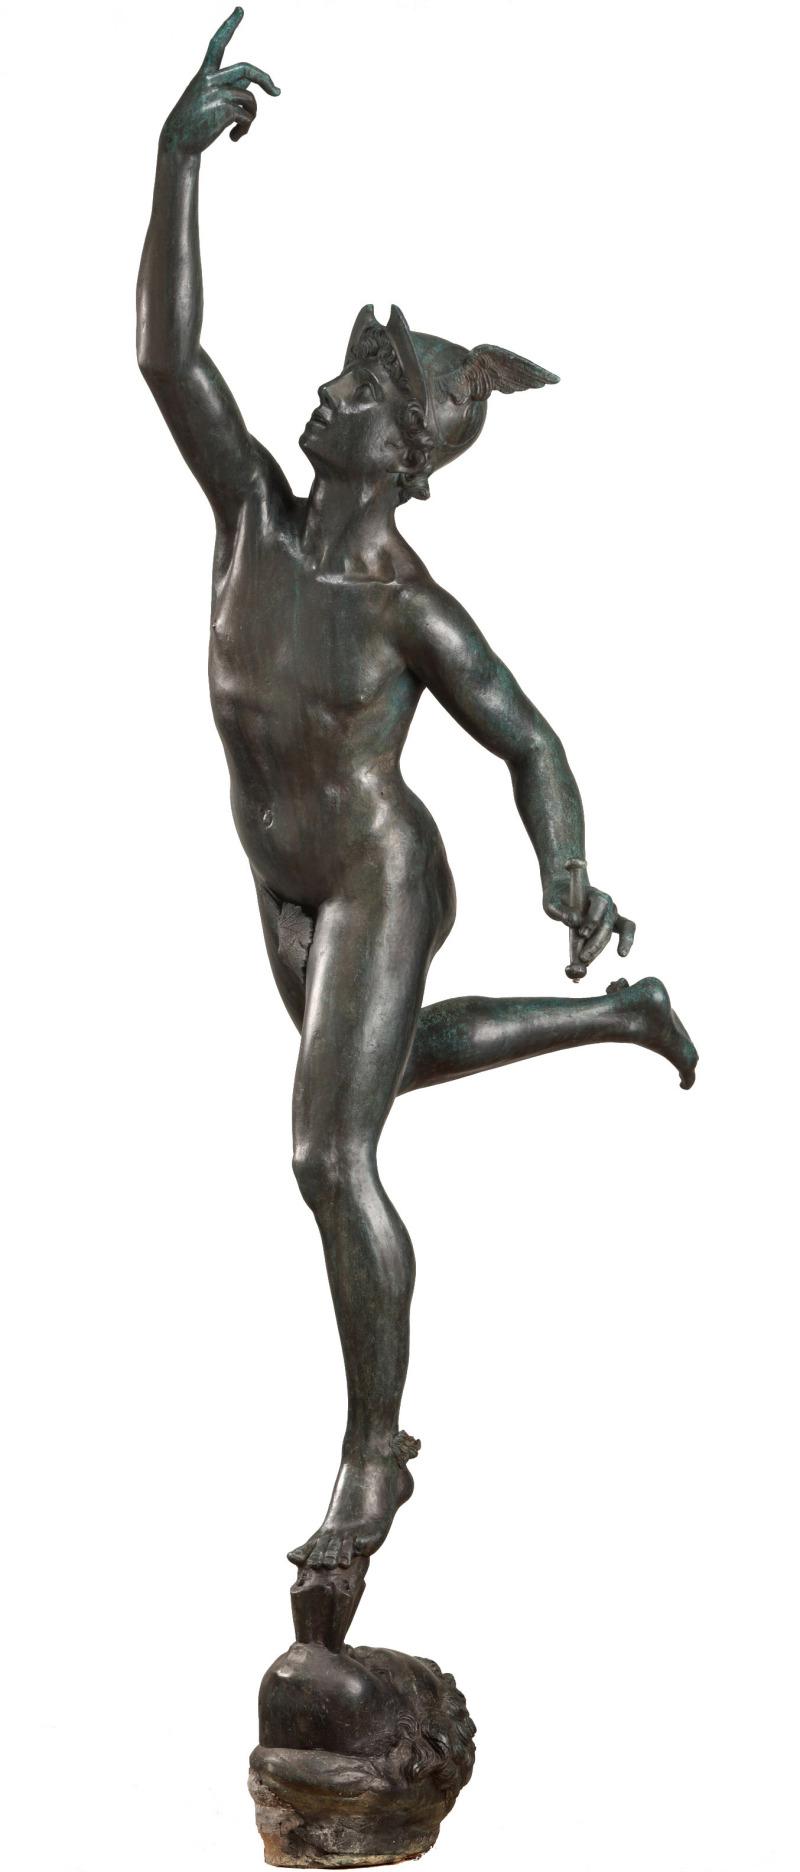 Mercure volant, 1623, d'après un modèle de Jean de Bologne. Bronze, fonte de Bernard Py. Musée des Augustins, Toulouse